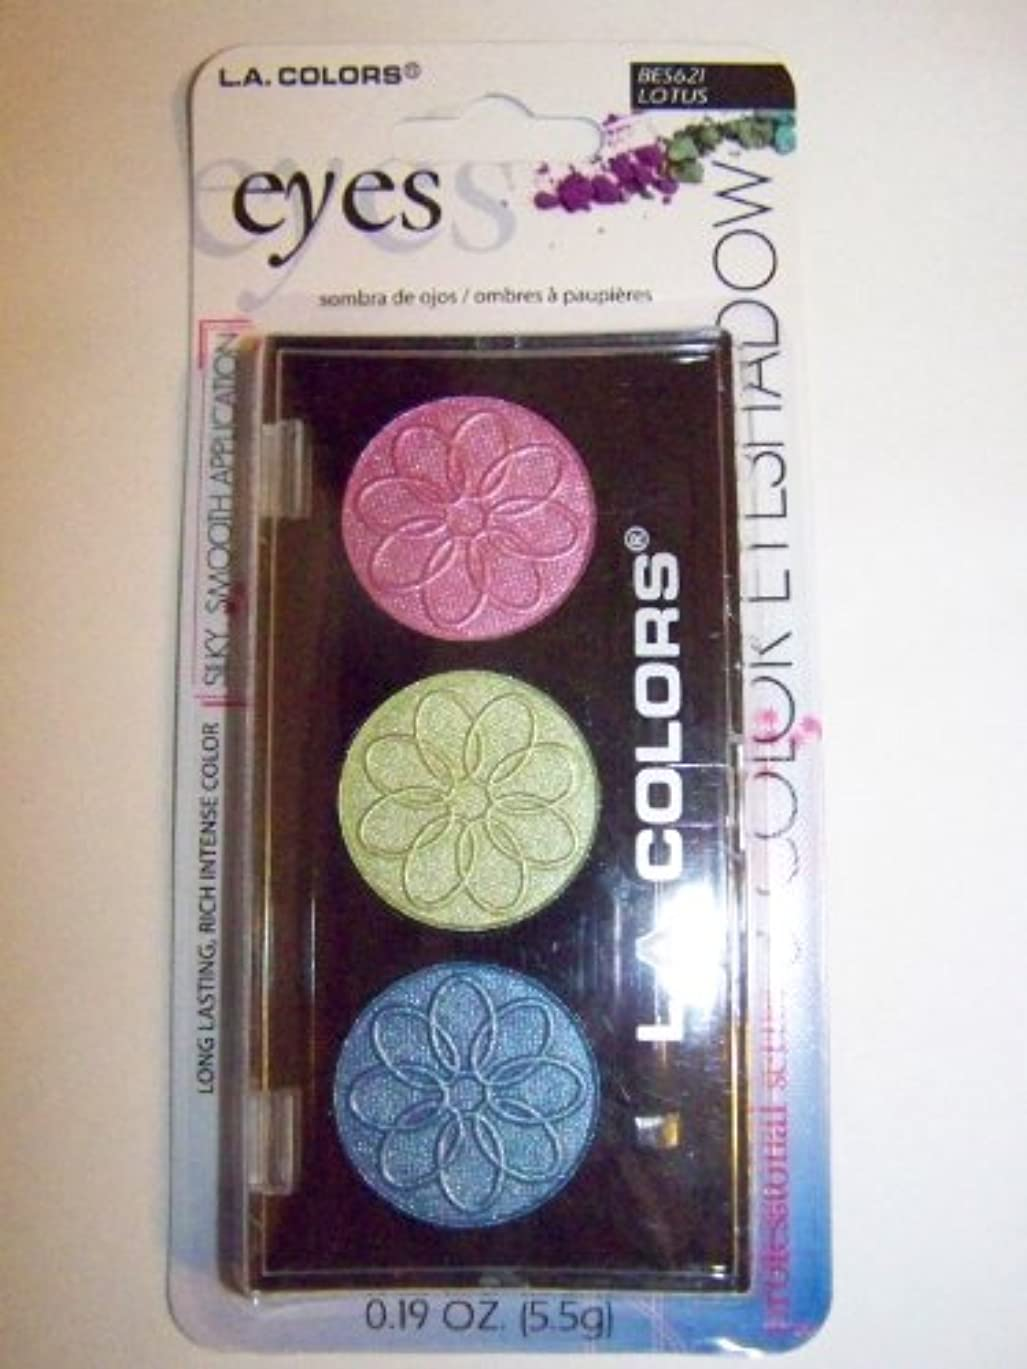 言い直すクリック罰L.A. COLORS 3 Color Eyeshadow - Lotus (並行輸入品)